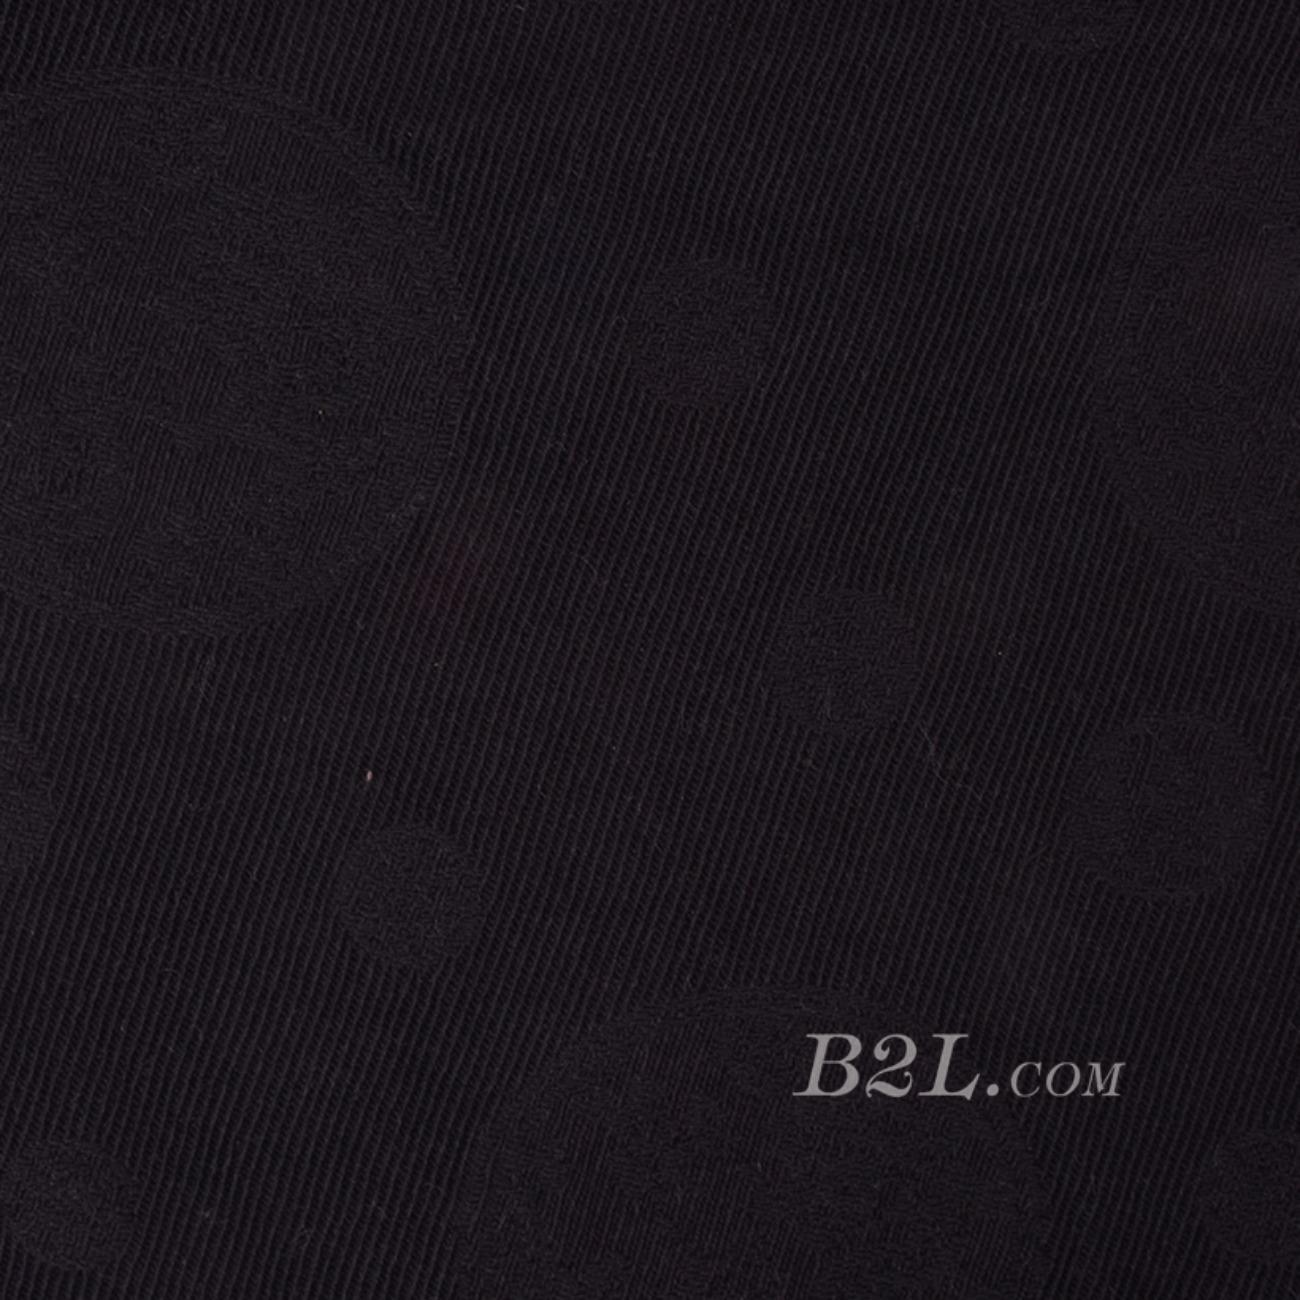 提花 梭织 色织 抽象 全涤 无弹 春夏秋 礼服 连衣裙 外套 女装 80408-18